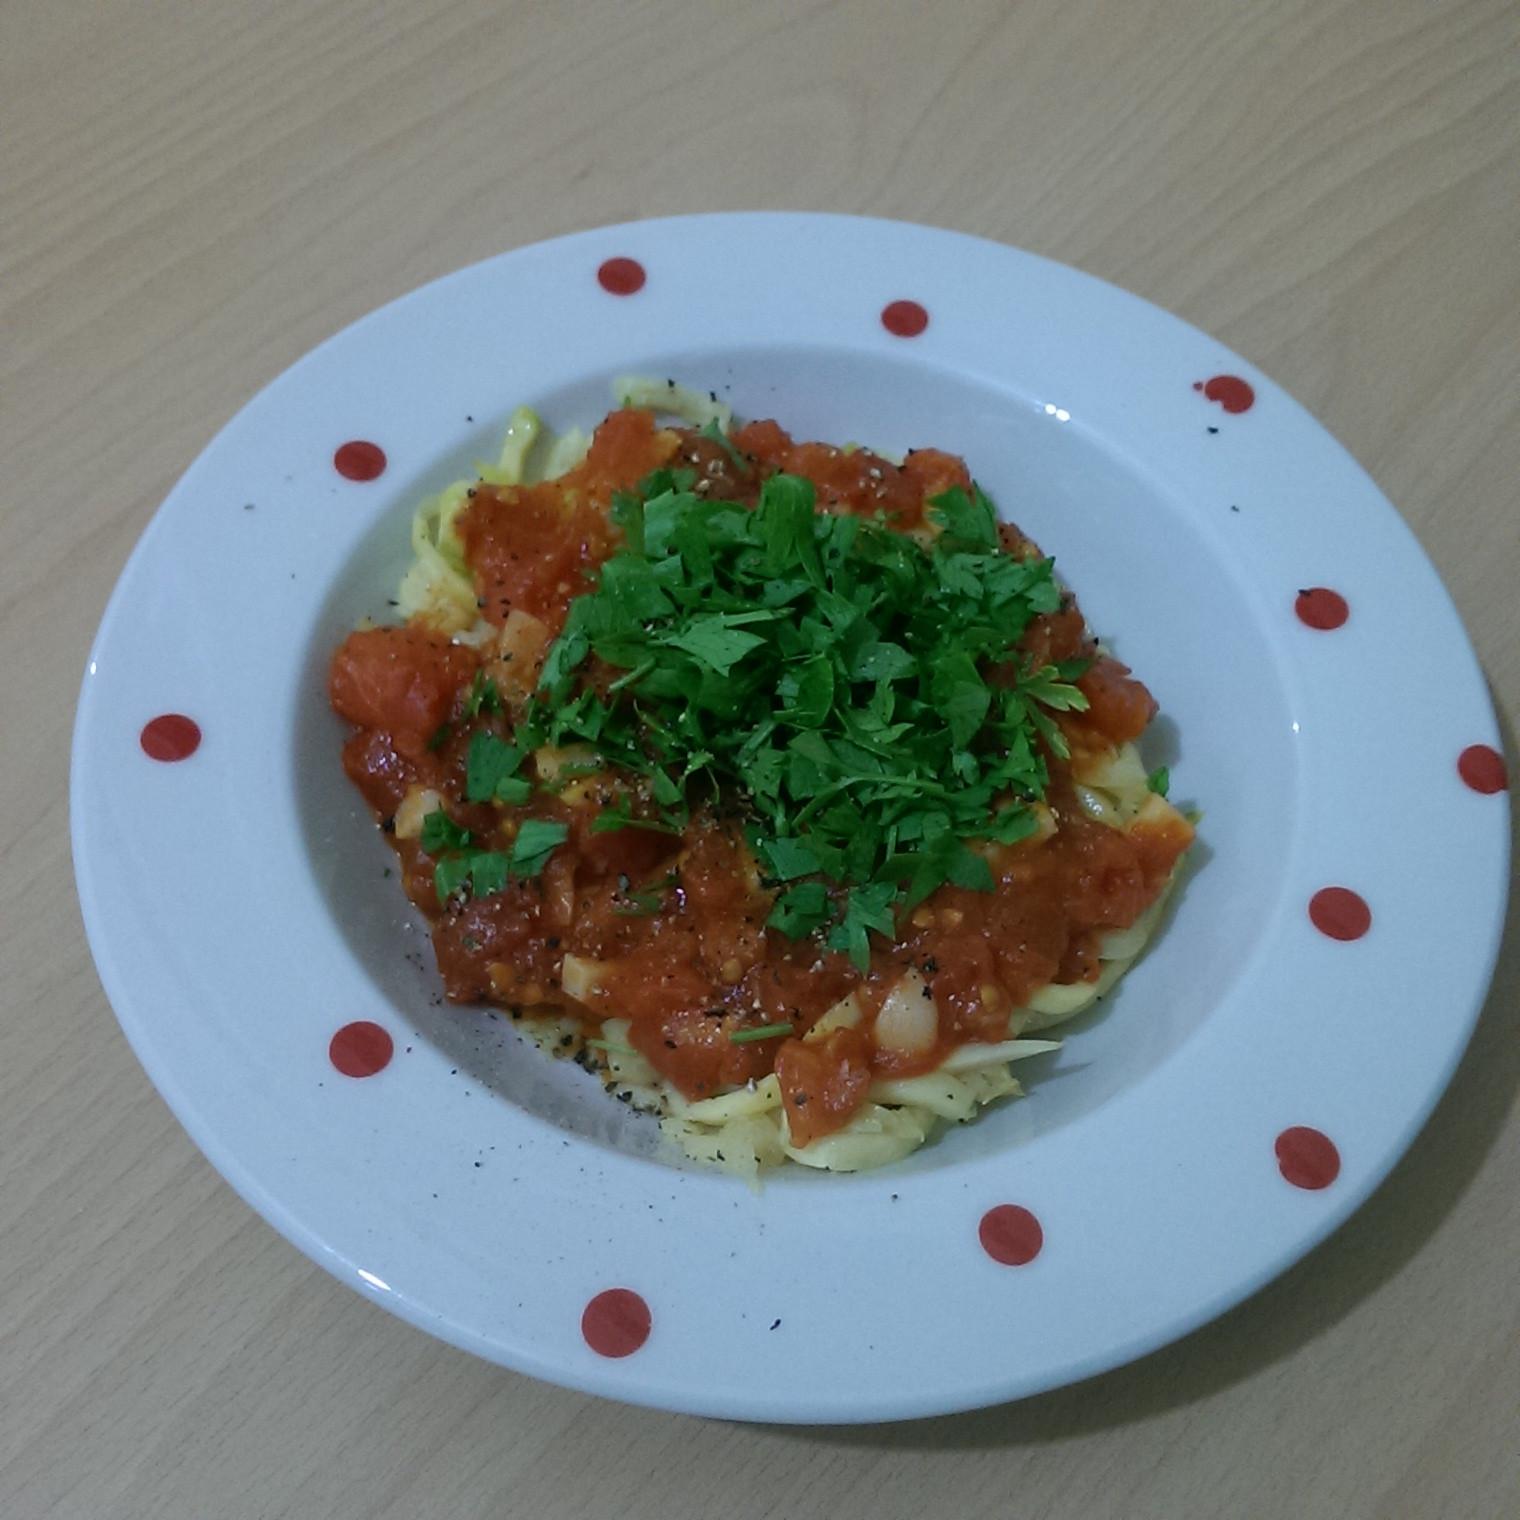 Aile Tanışması İçin Pişirilecek Yemek Önerileri